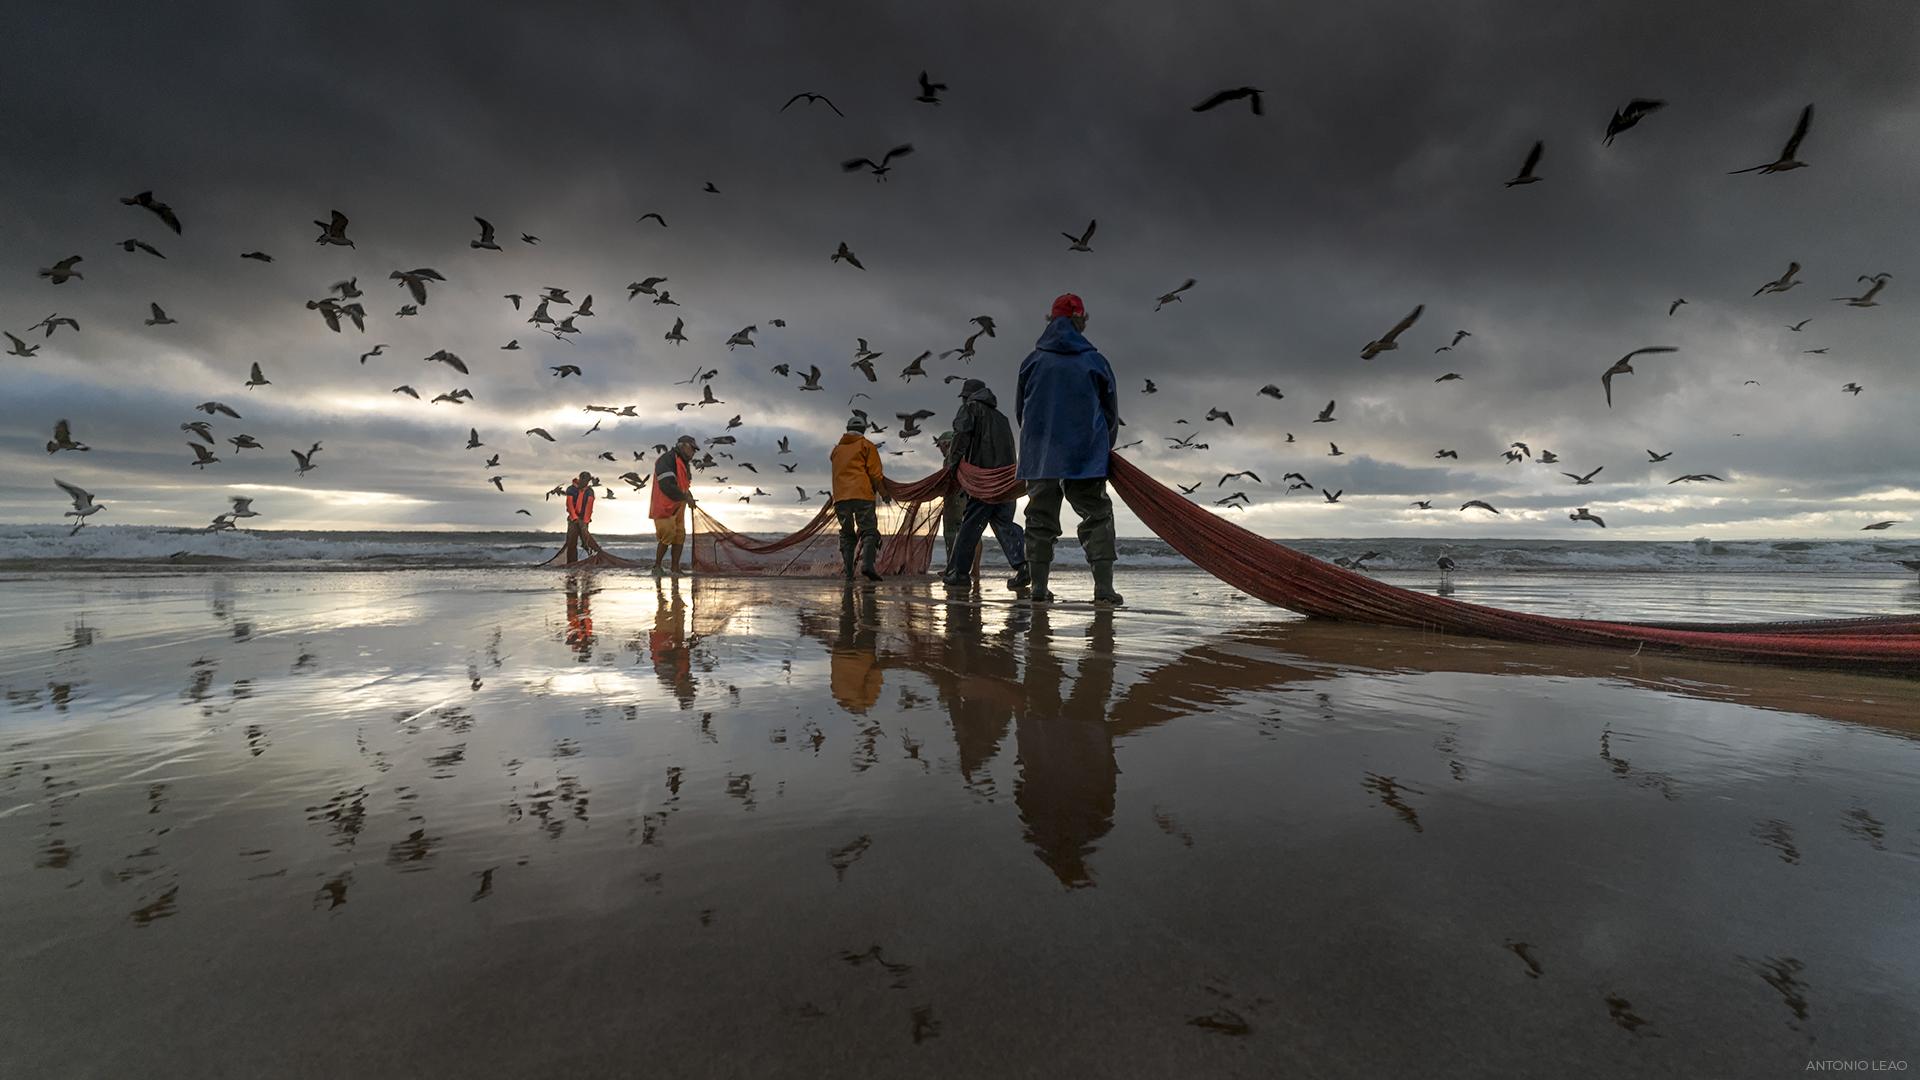 labor on the beach